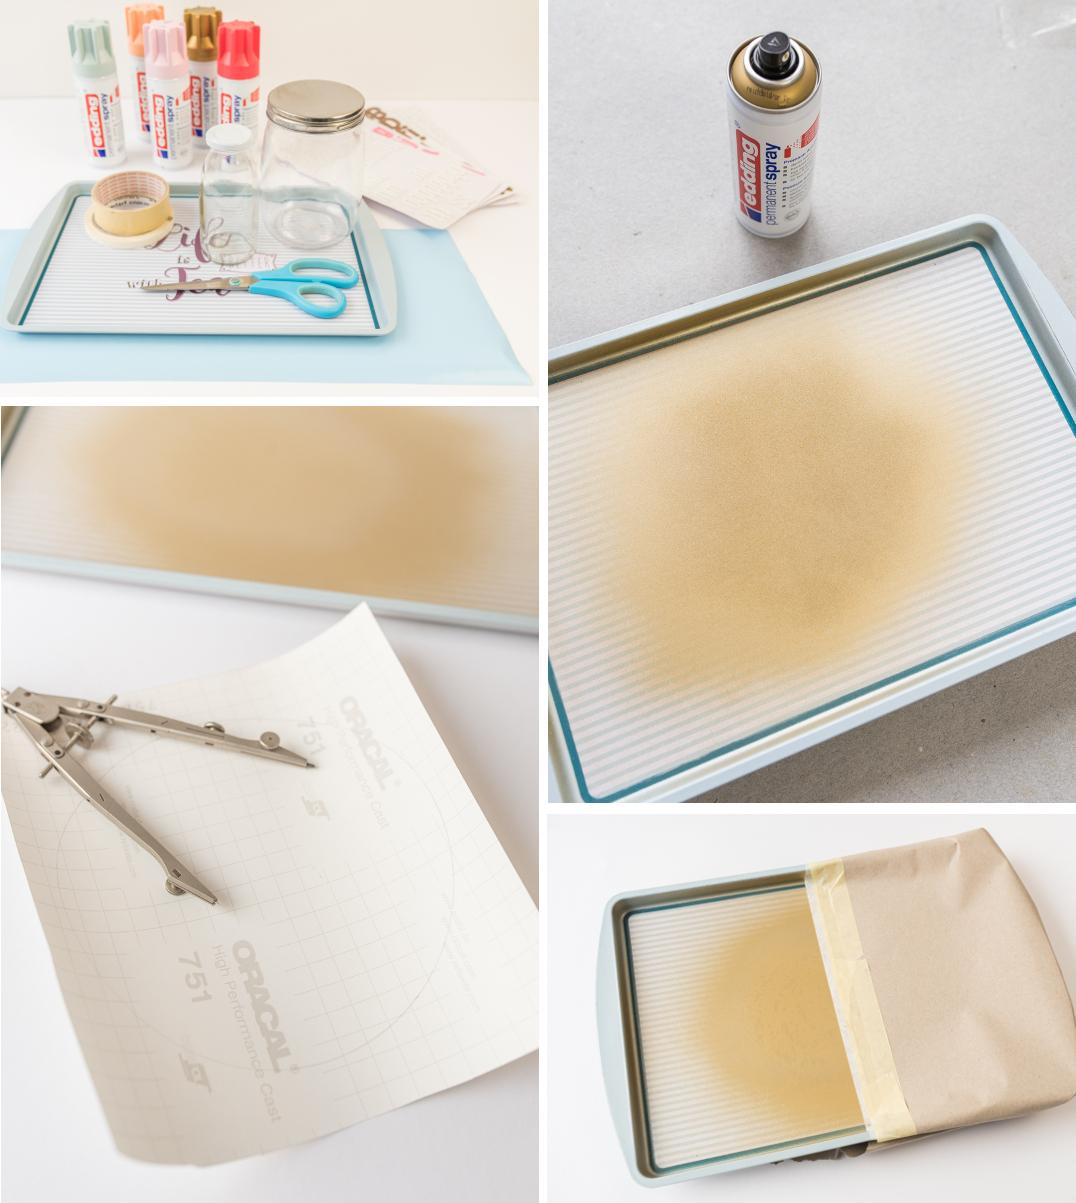 Deko und DIY Ideen im Frühling für die Schlafzimmer Einrichtung in Pastellfarben und eine Kaffeebar mit selbst gestalteten Gläsern für Kaffee Kapseln und Milch